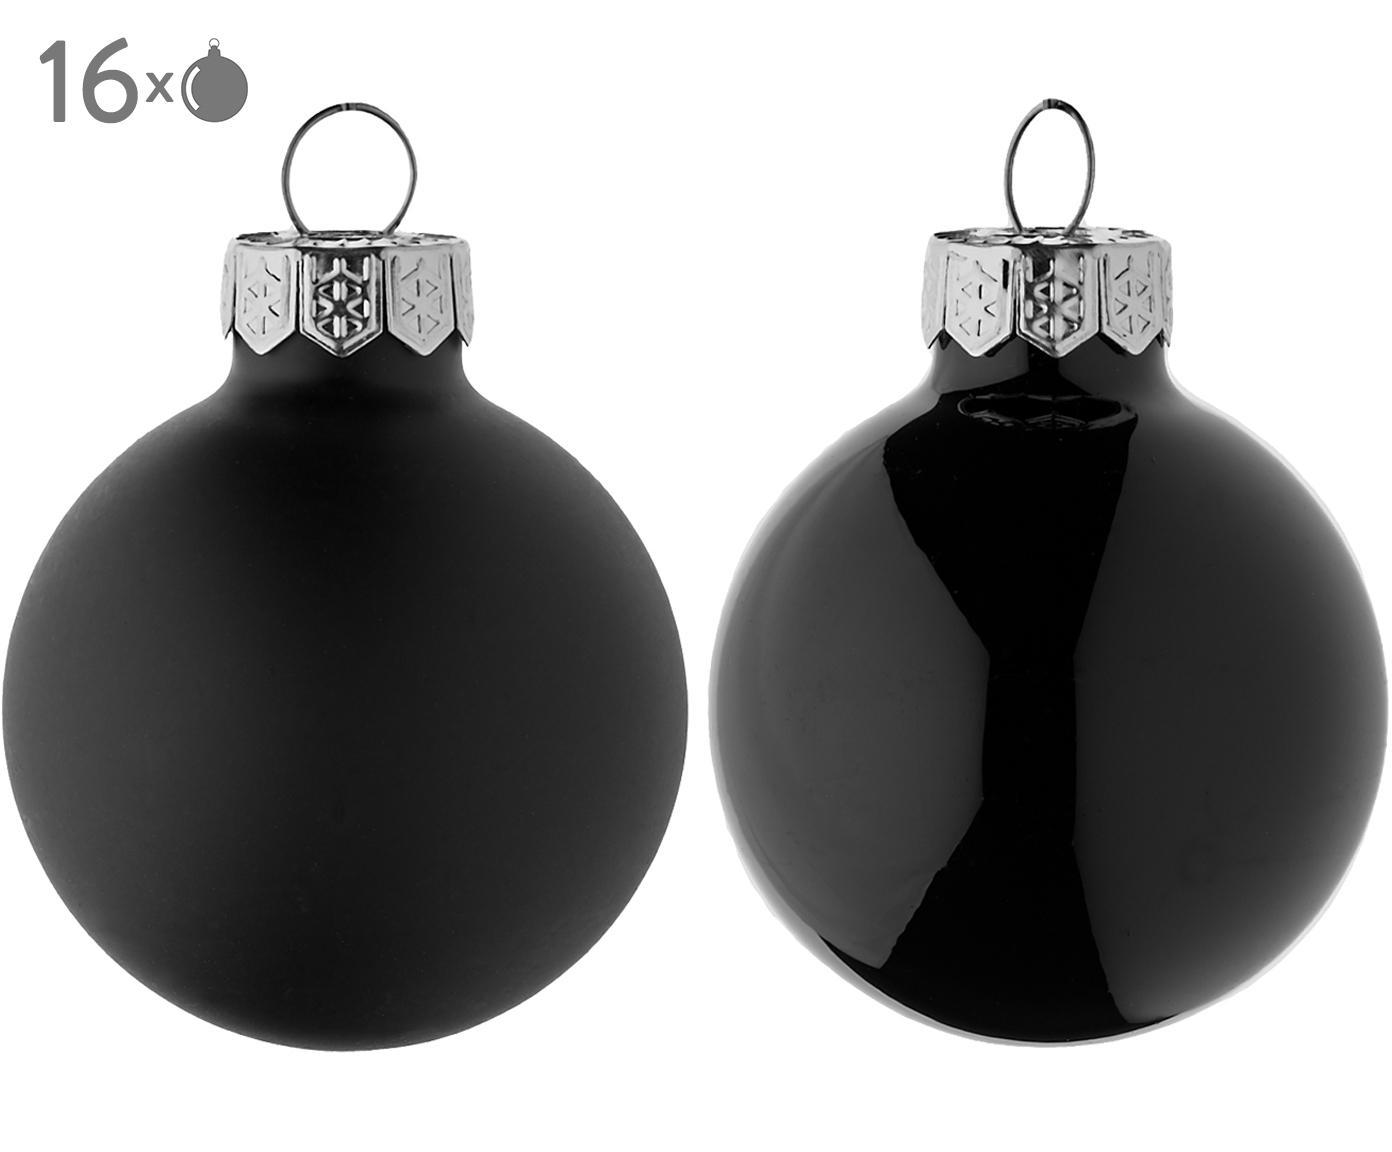 Mini-Weihnachtskugeln-Set Evergreen, 16-tlg., Schwarz, Ø 4 cm